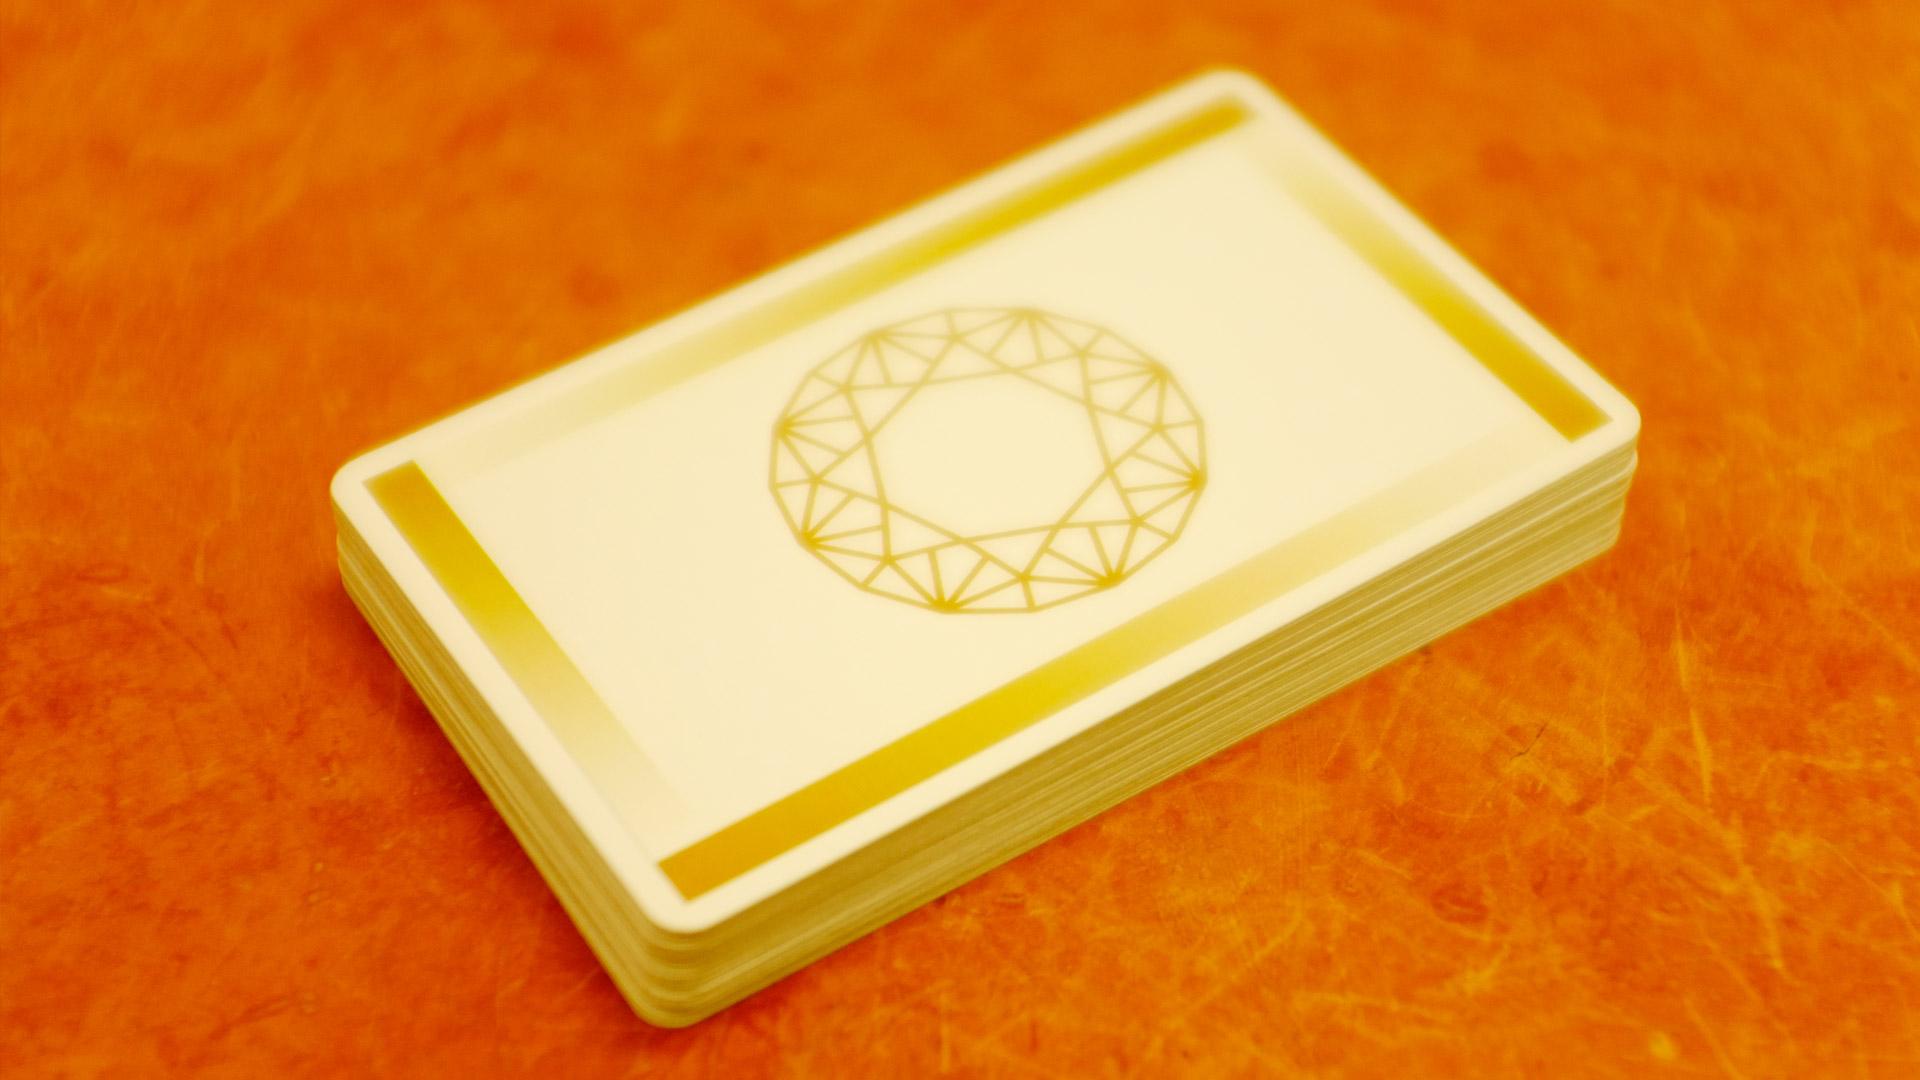 言霊カードの外観|言霊カードは登録商標です。紛らわしいカード写真の投稿はお控えください。